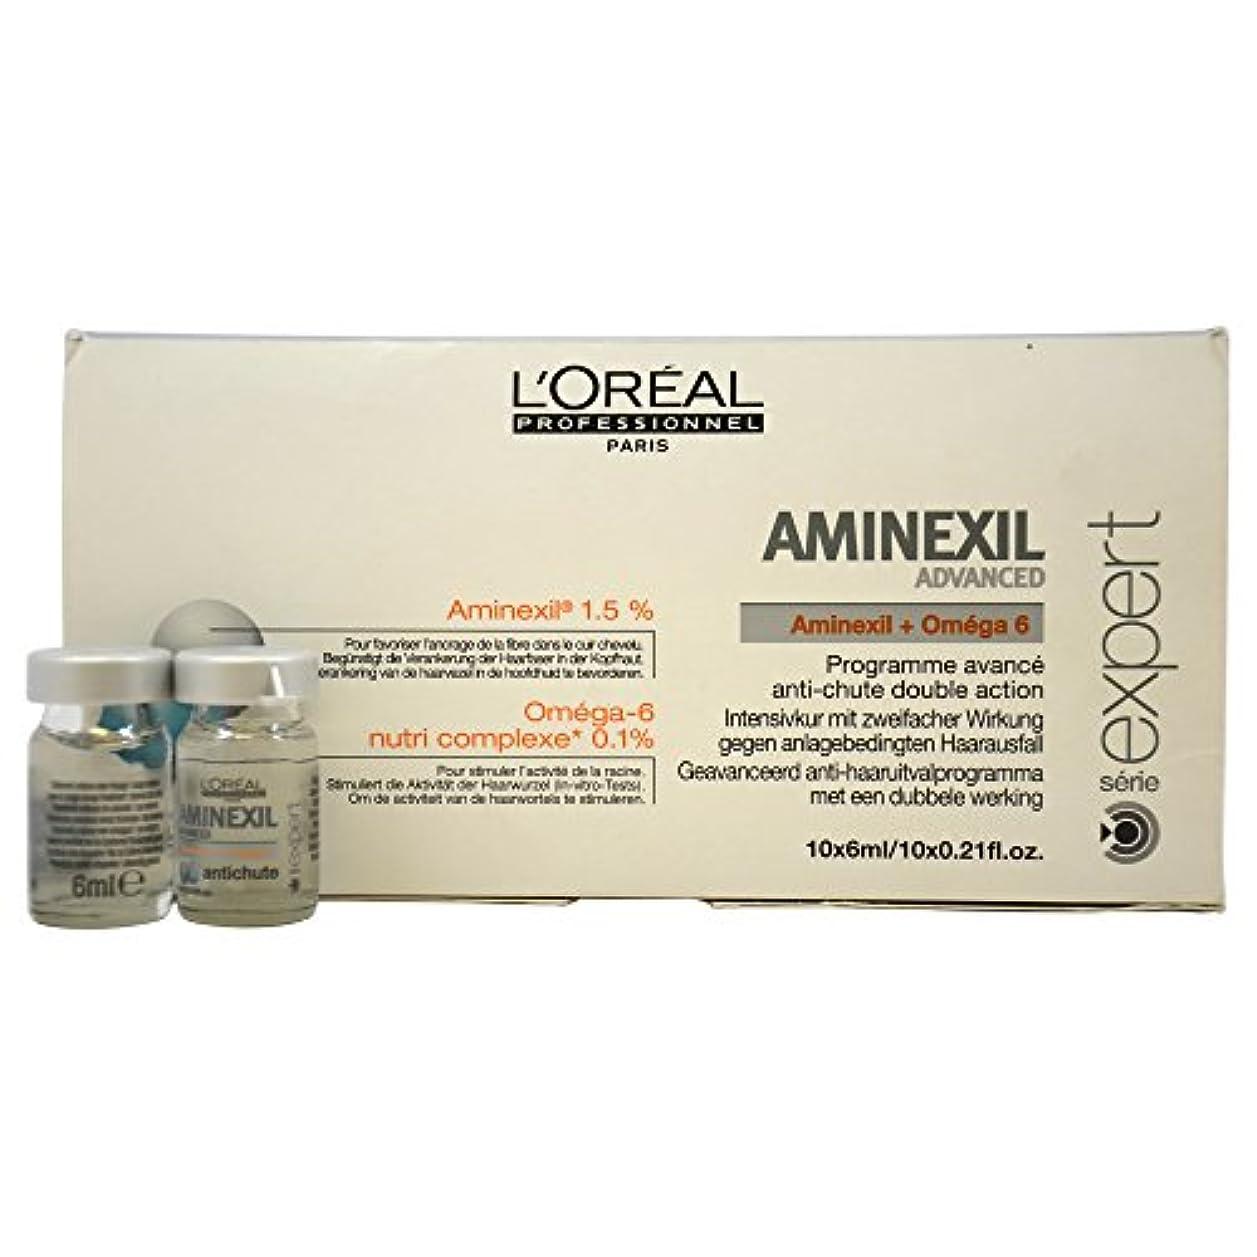 ロレアル エキスパート ア三ネクシル コントロール 10個 L'Oreal Expert Aminexil Control 10 Units Advanced [並行輸入品]